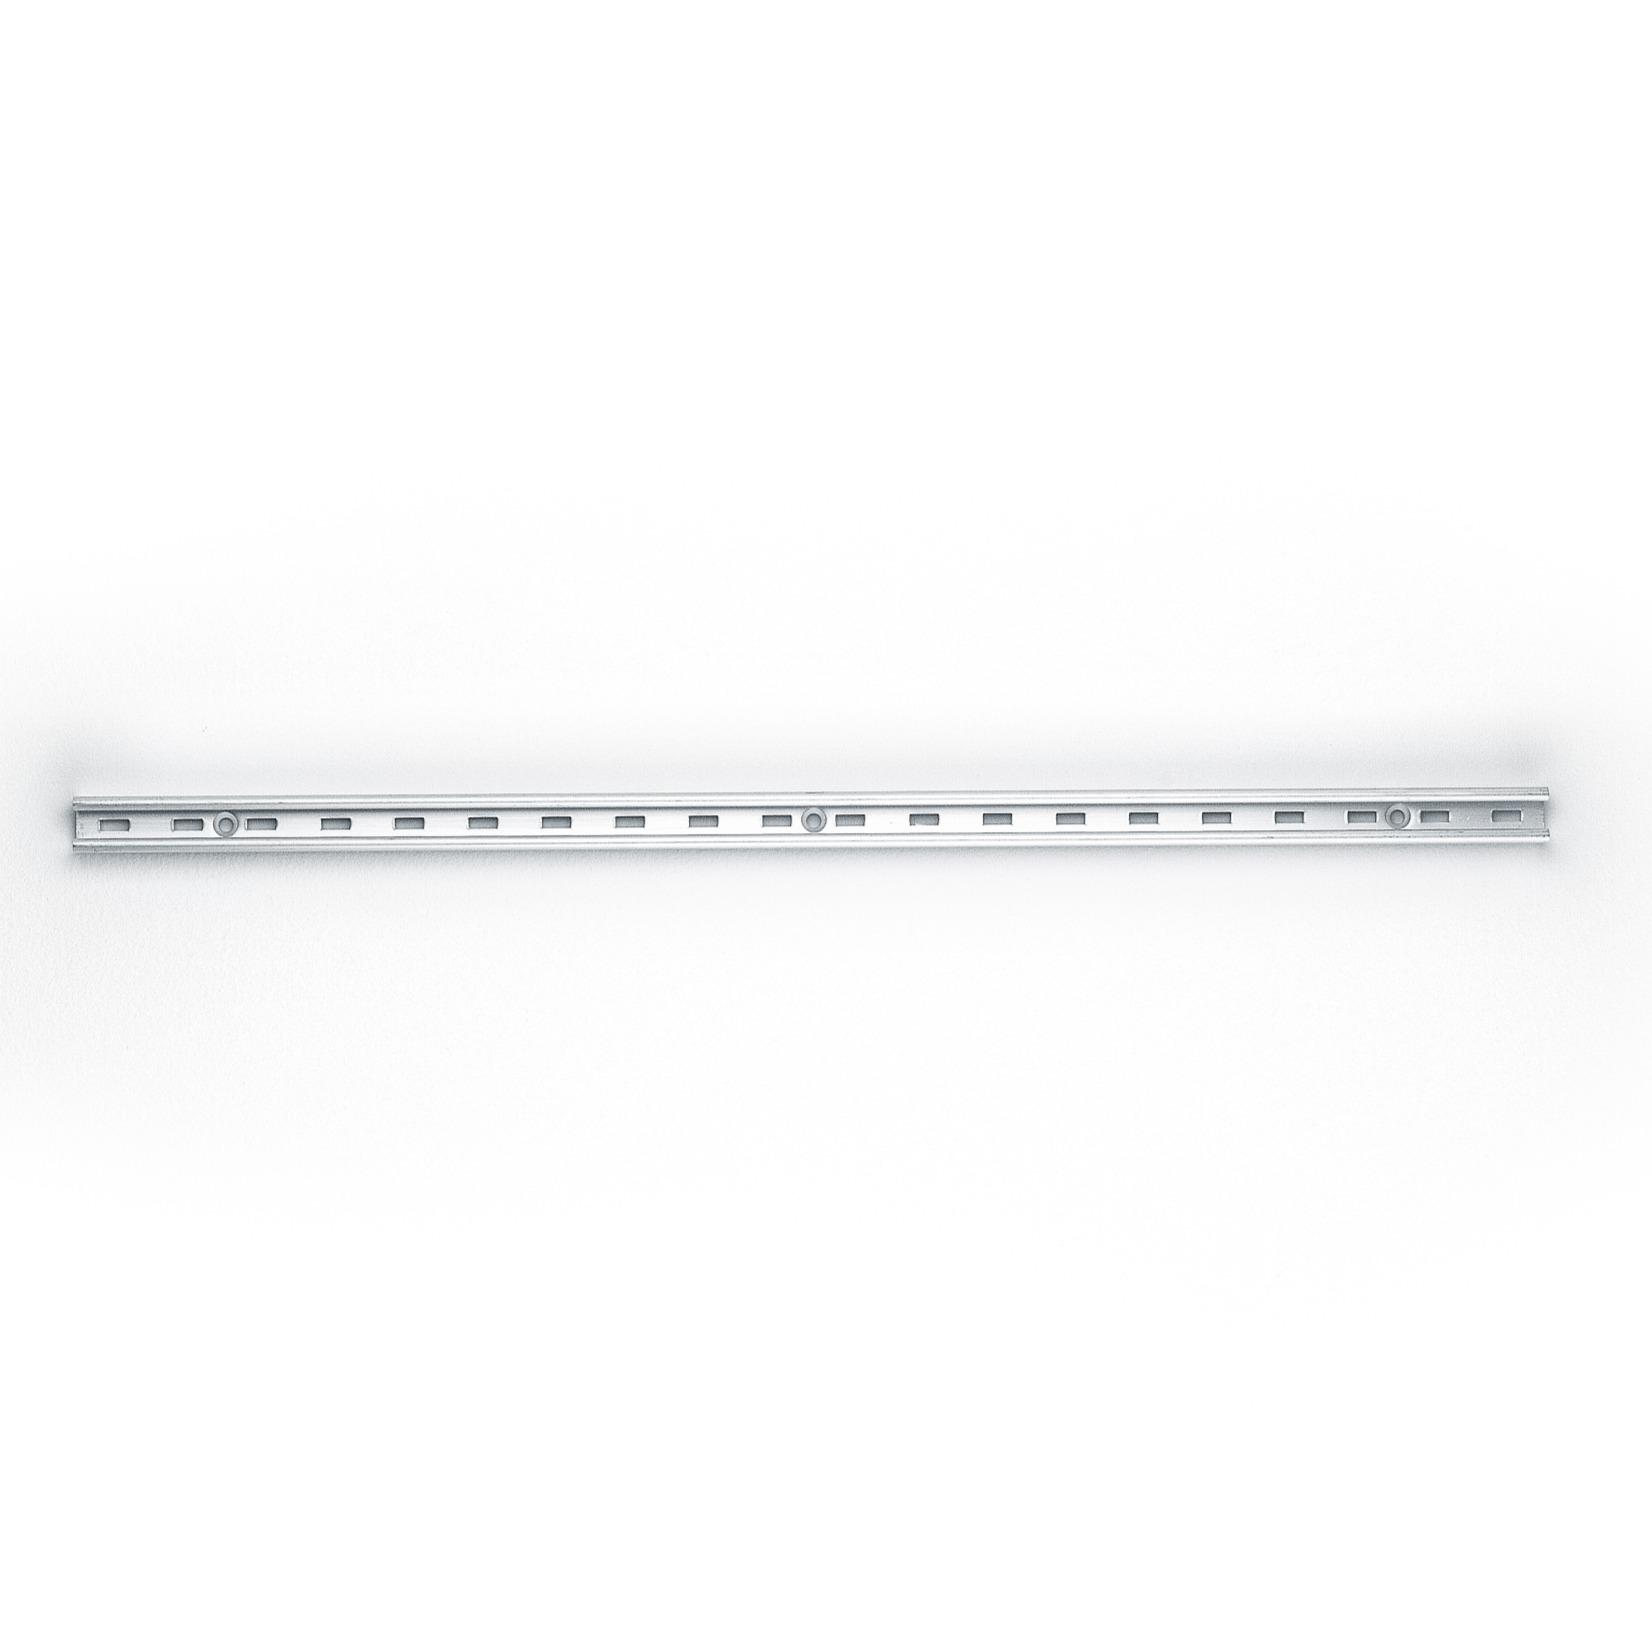 Trilho para prateleira de Aluminio Encaixe Regulavel 50cm Prata - Fico